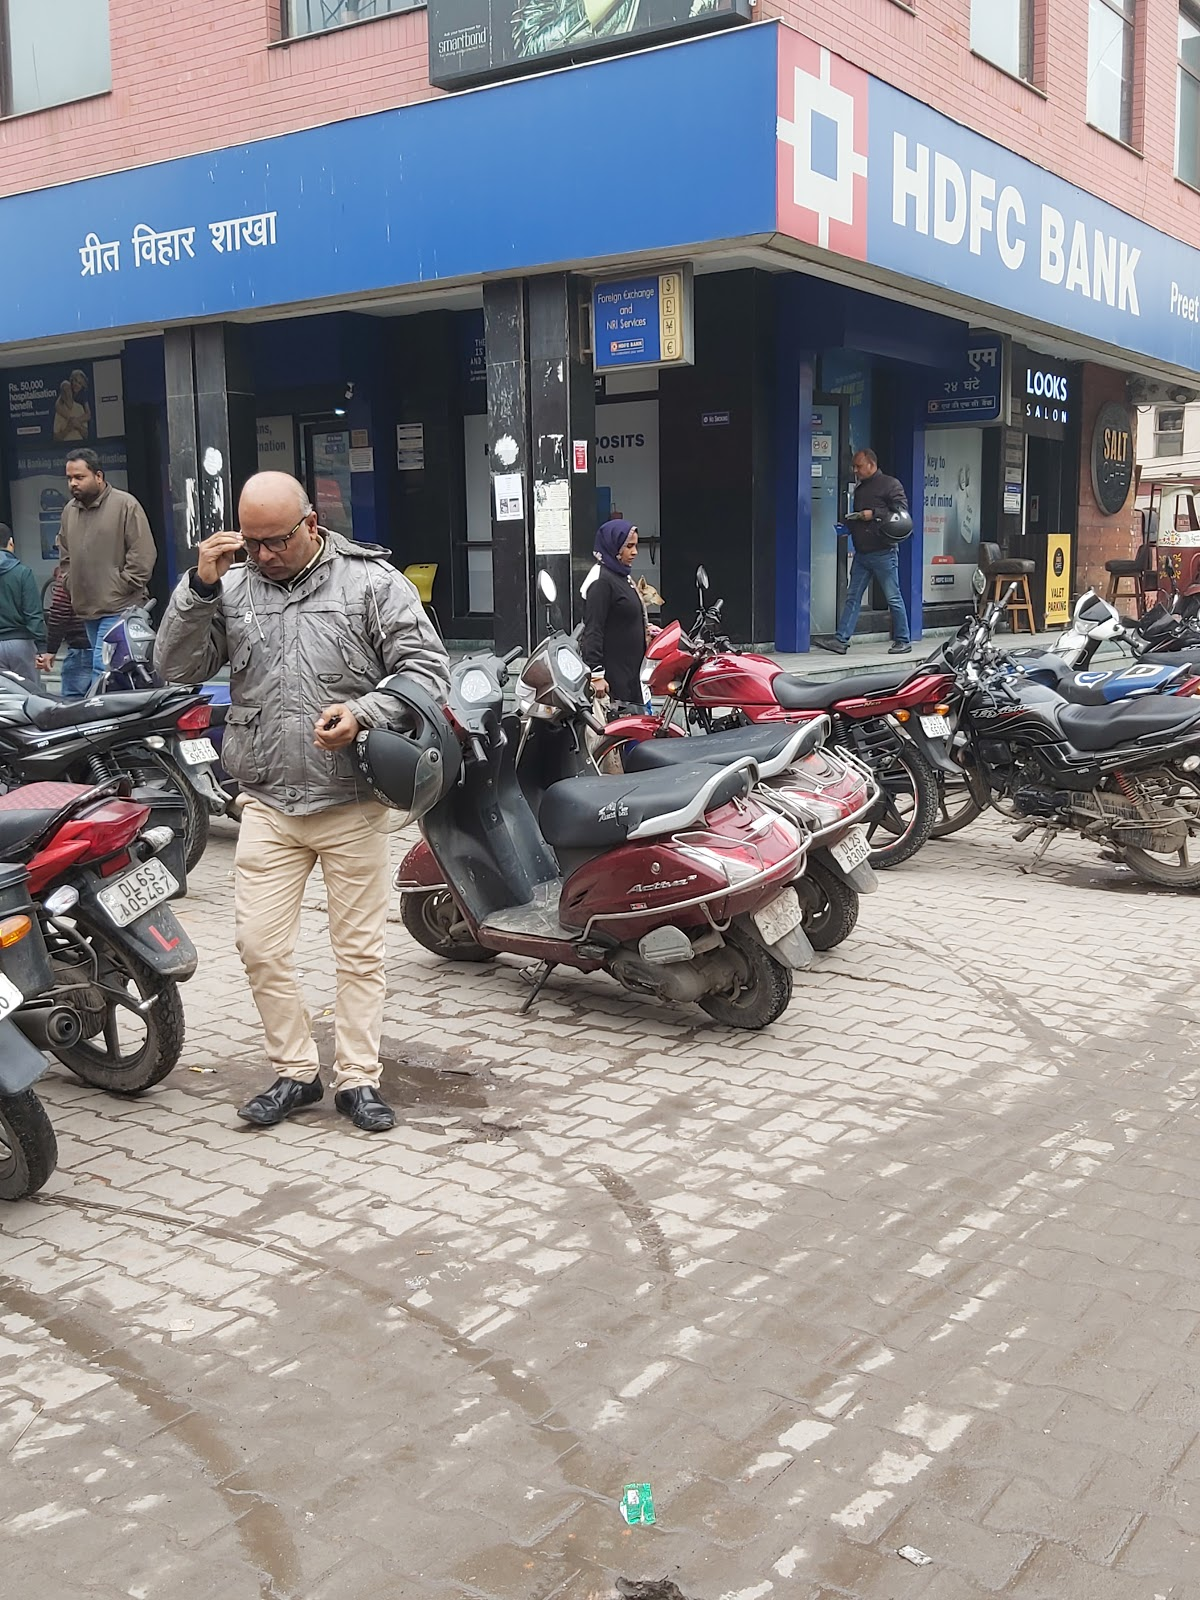 blood bank HDFC Bank near New Delhi Delhi